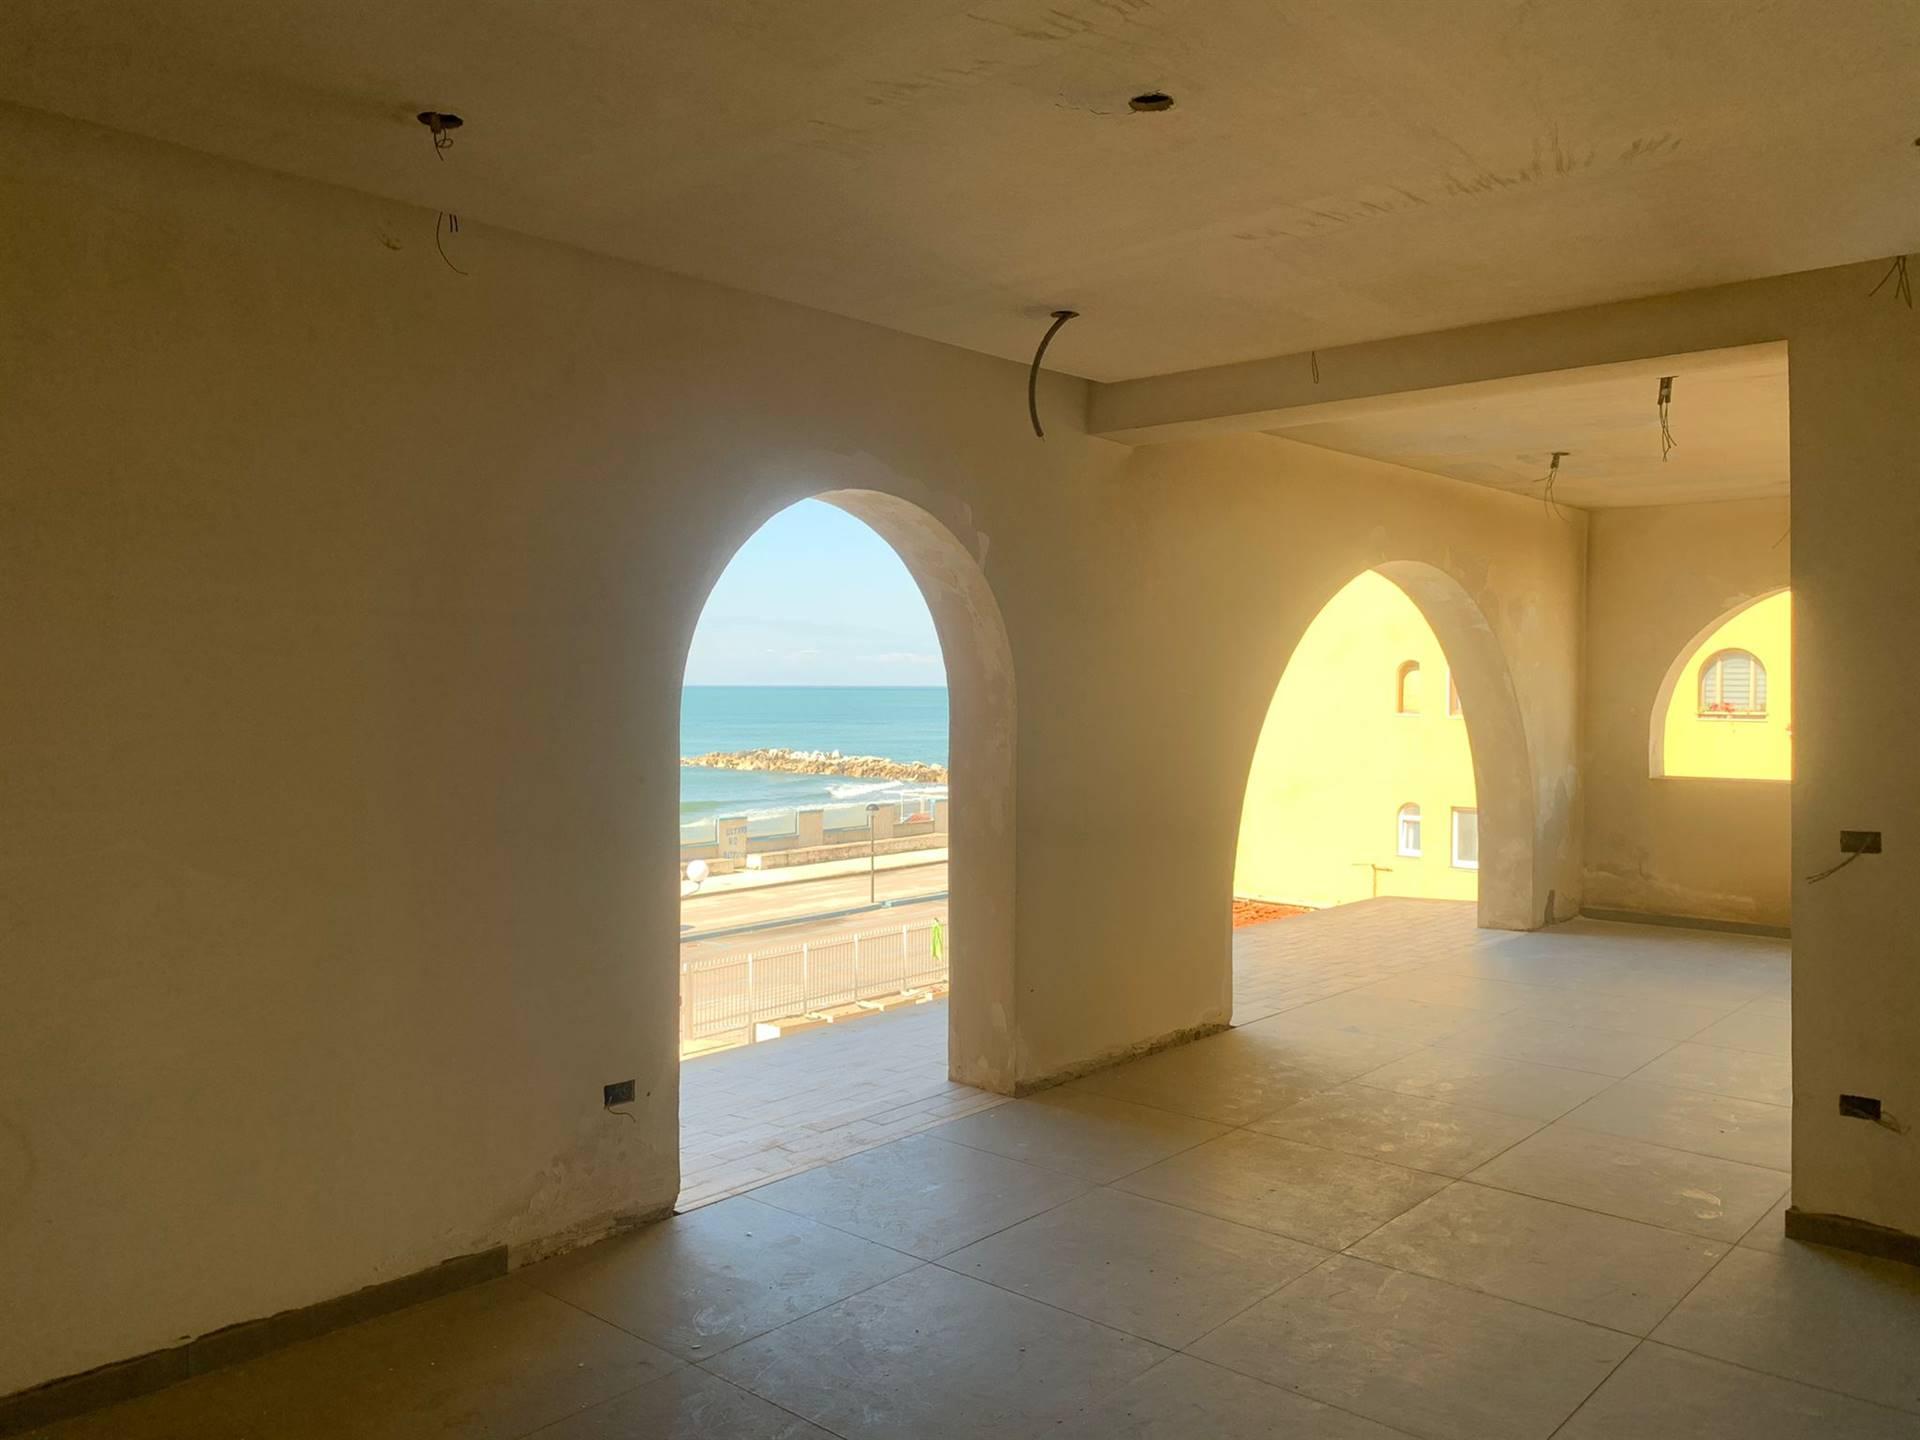 Appartamento in vendita a Castel Volturno, 4 locali, zona Zona: Villaggio Coppola Pinetamare, prezzo € 140.000 | CambioCasa.it